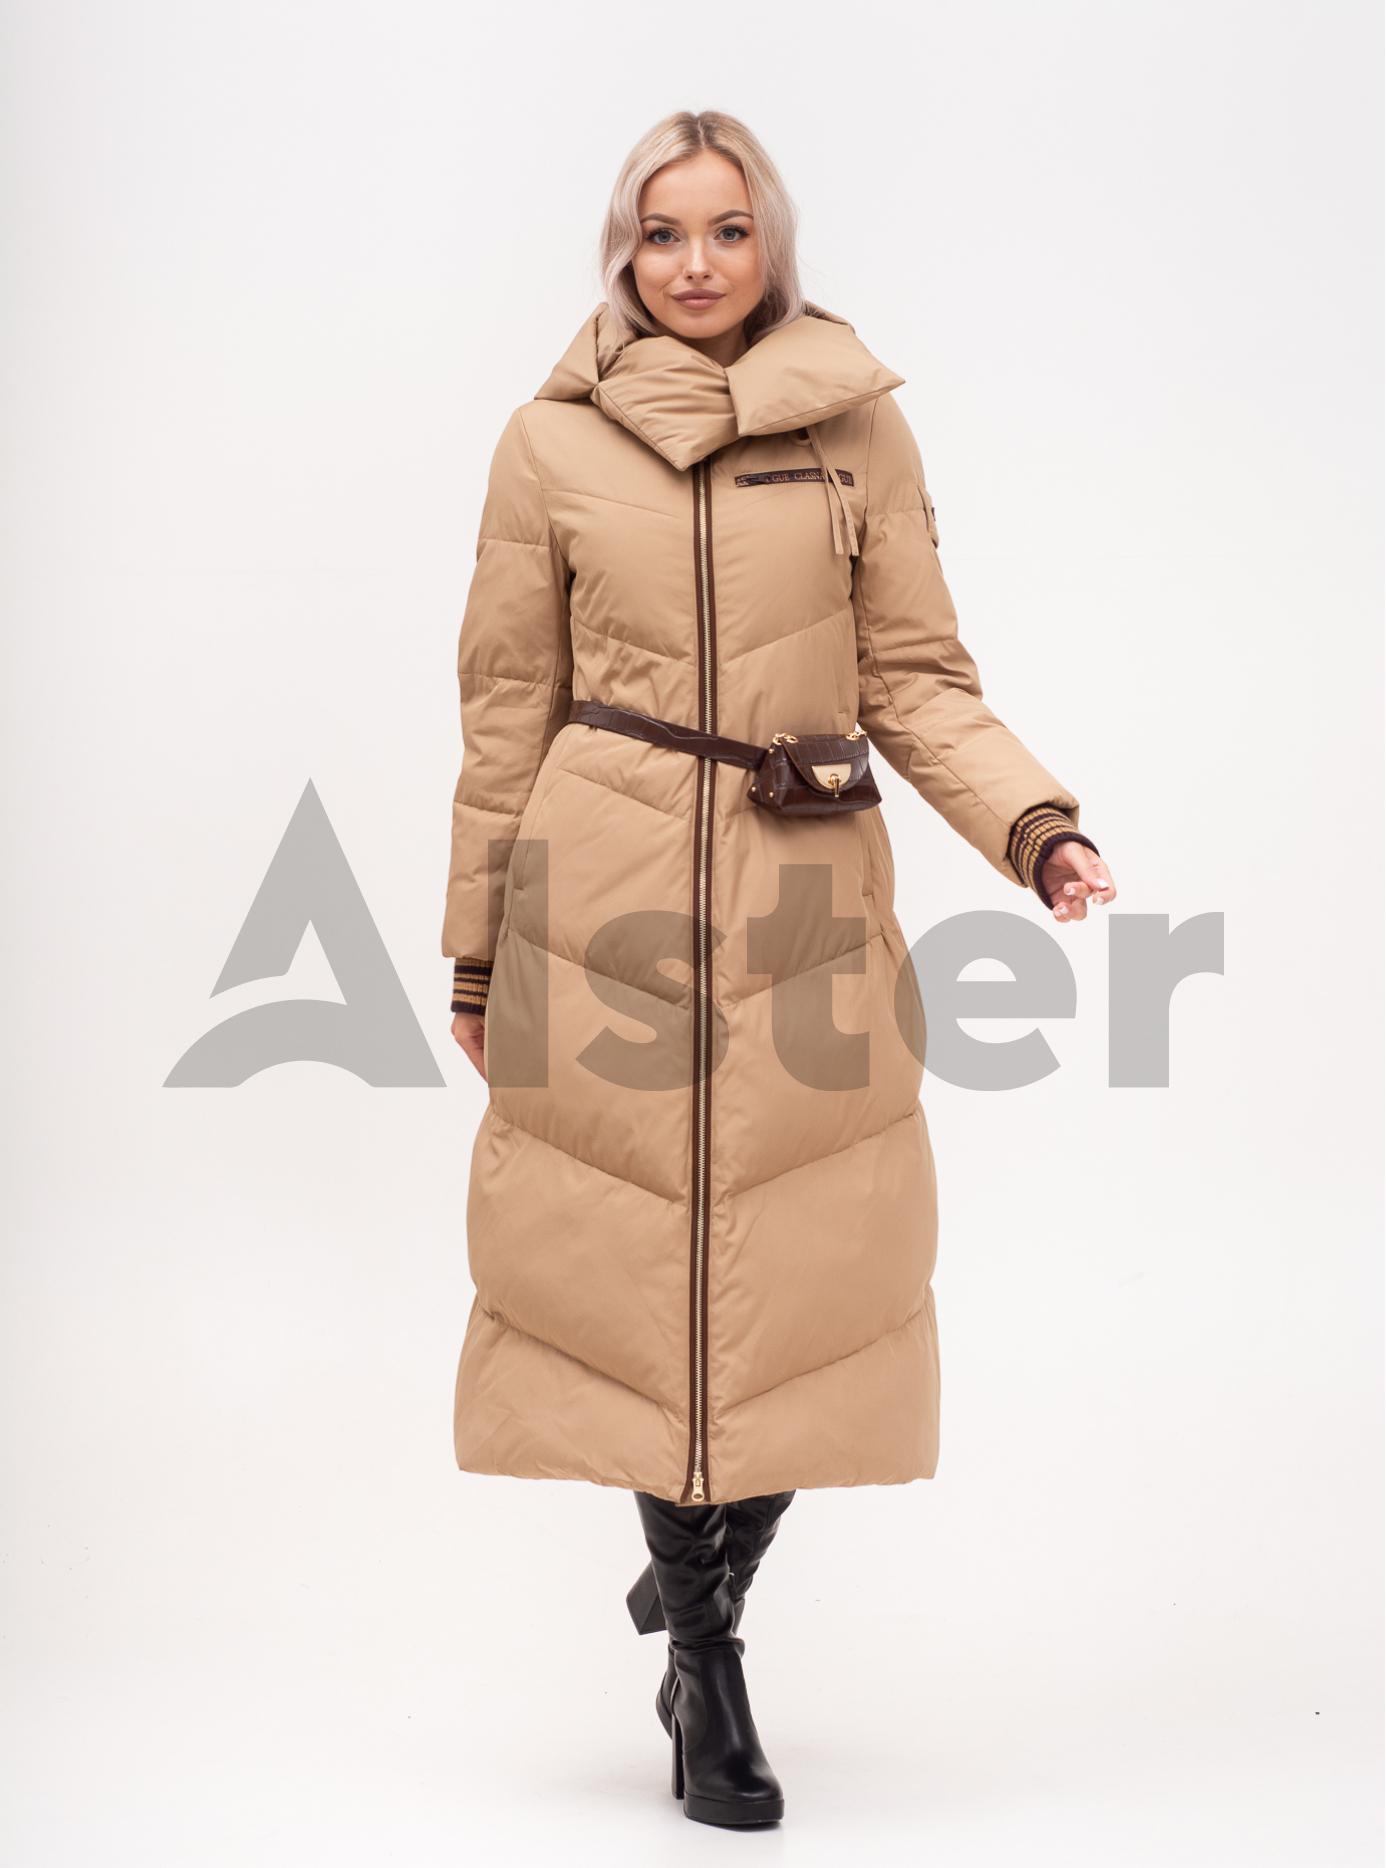 Куртка зимняя женская длинная с поясом Бежевый M (02-N200550): фото - Alster.ua